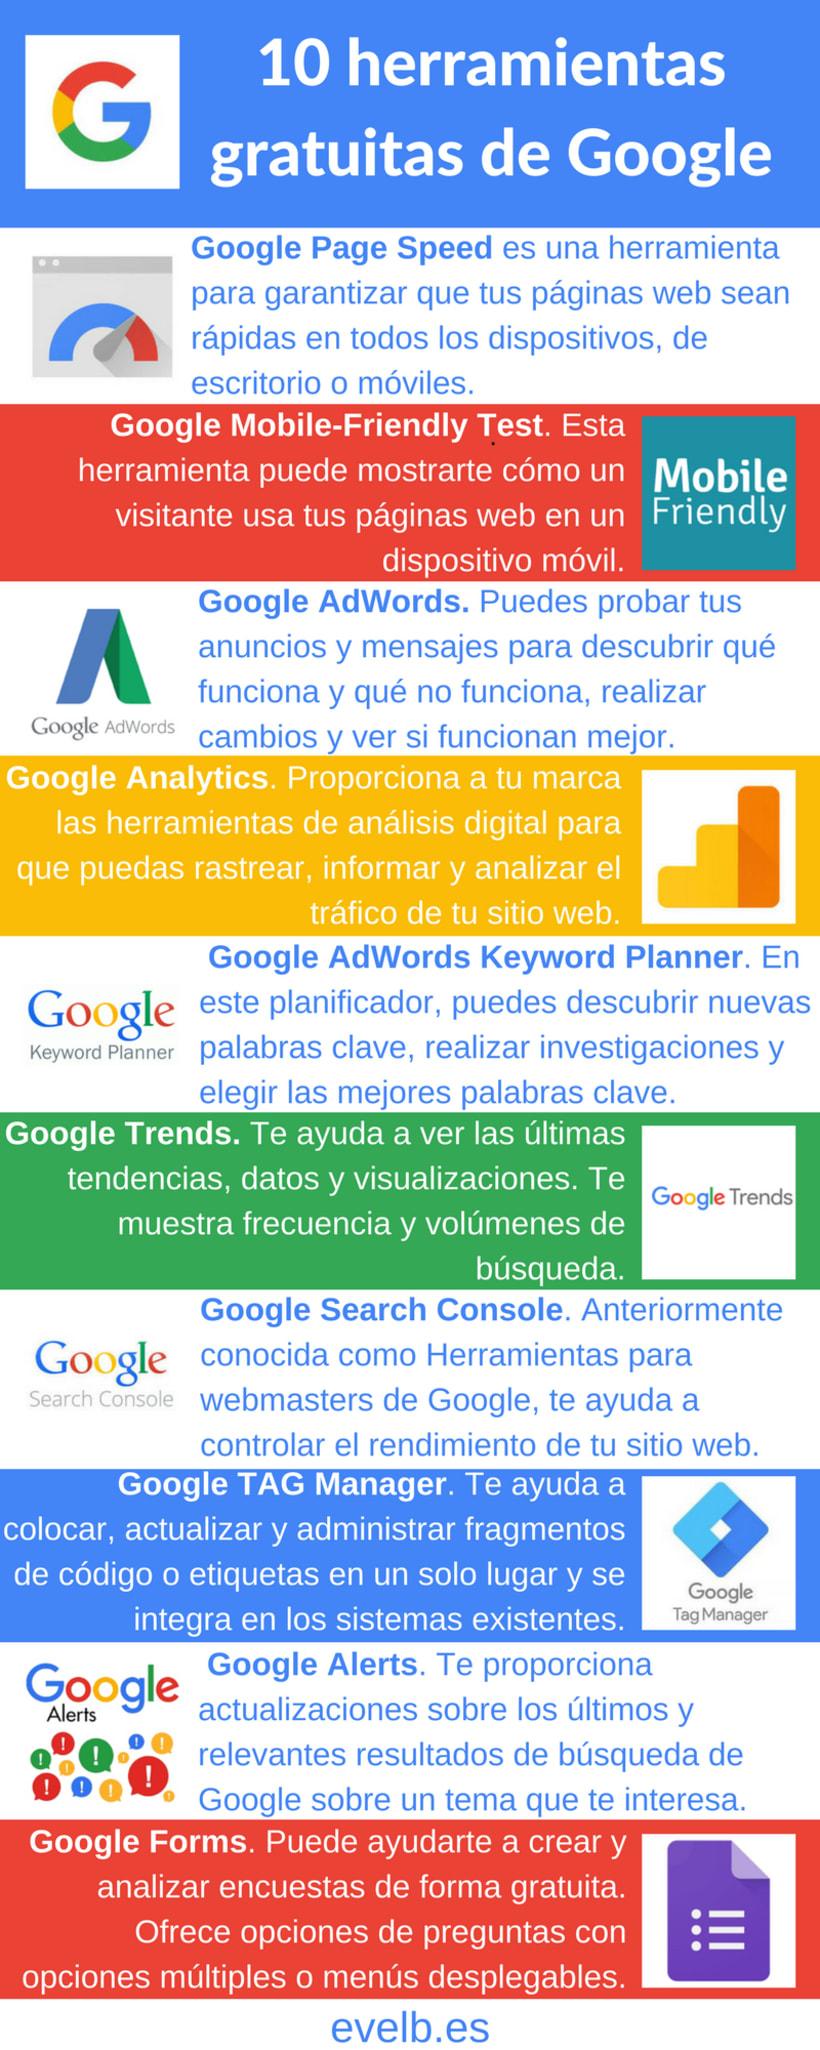 Infografías evelb.es 14